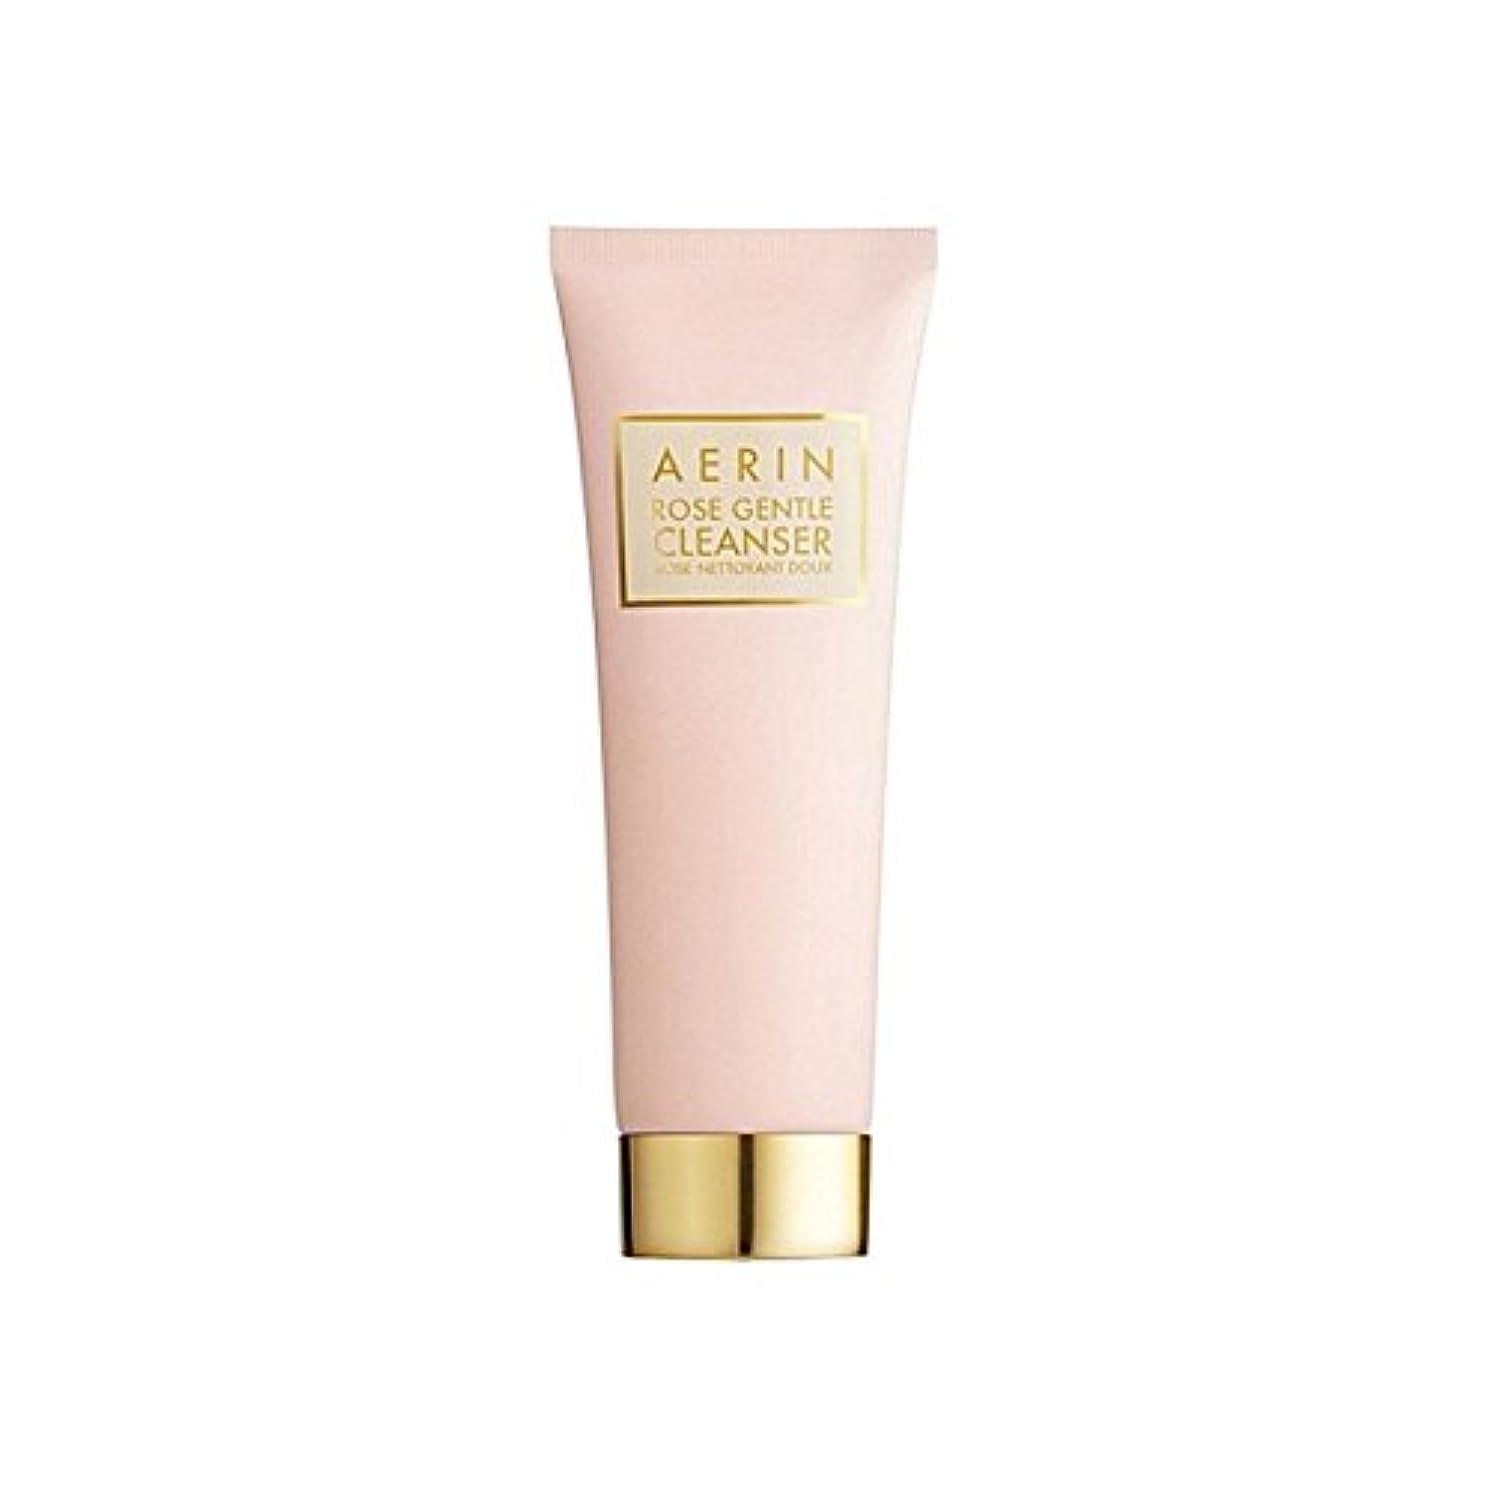 フレッシュ手錠偉業Aerin Rose Gentle Cleanser 125ml - はジェントルクレンザーの125ミリリットルをバラ [並行輸入品]